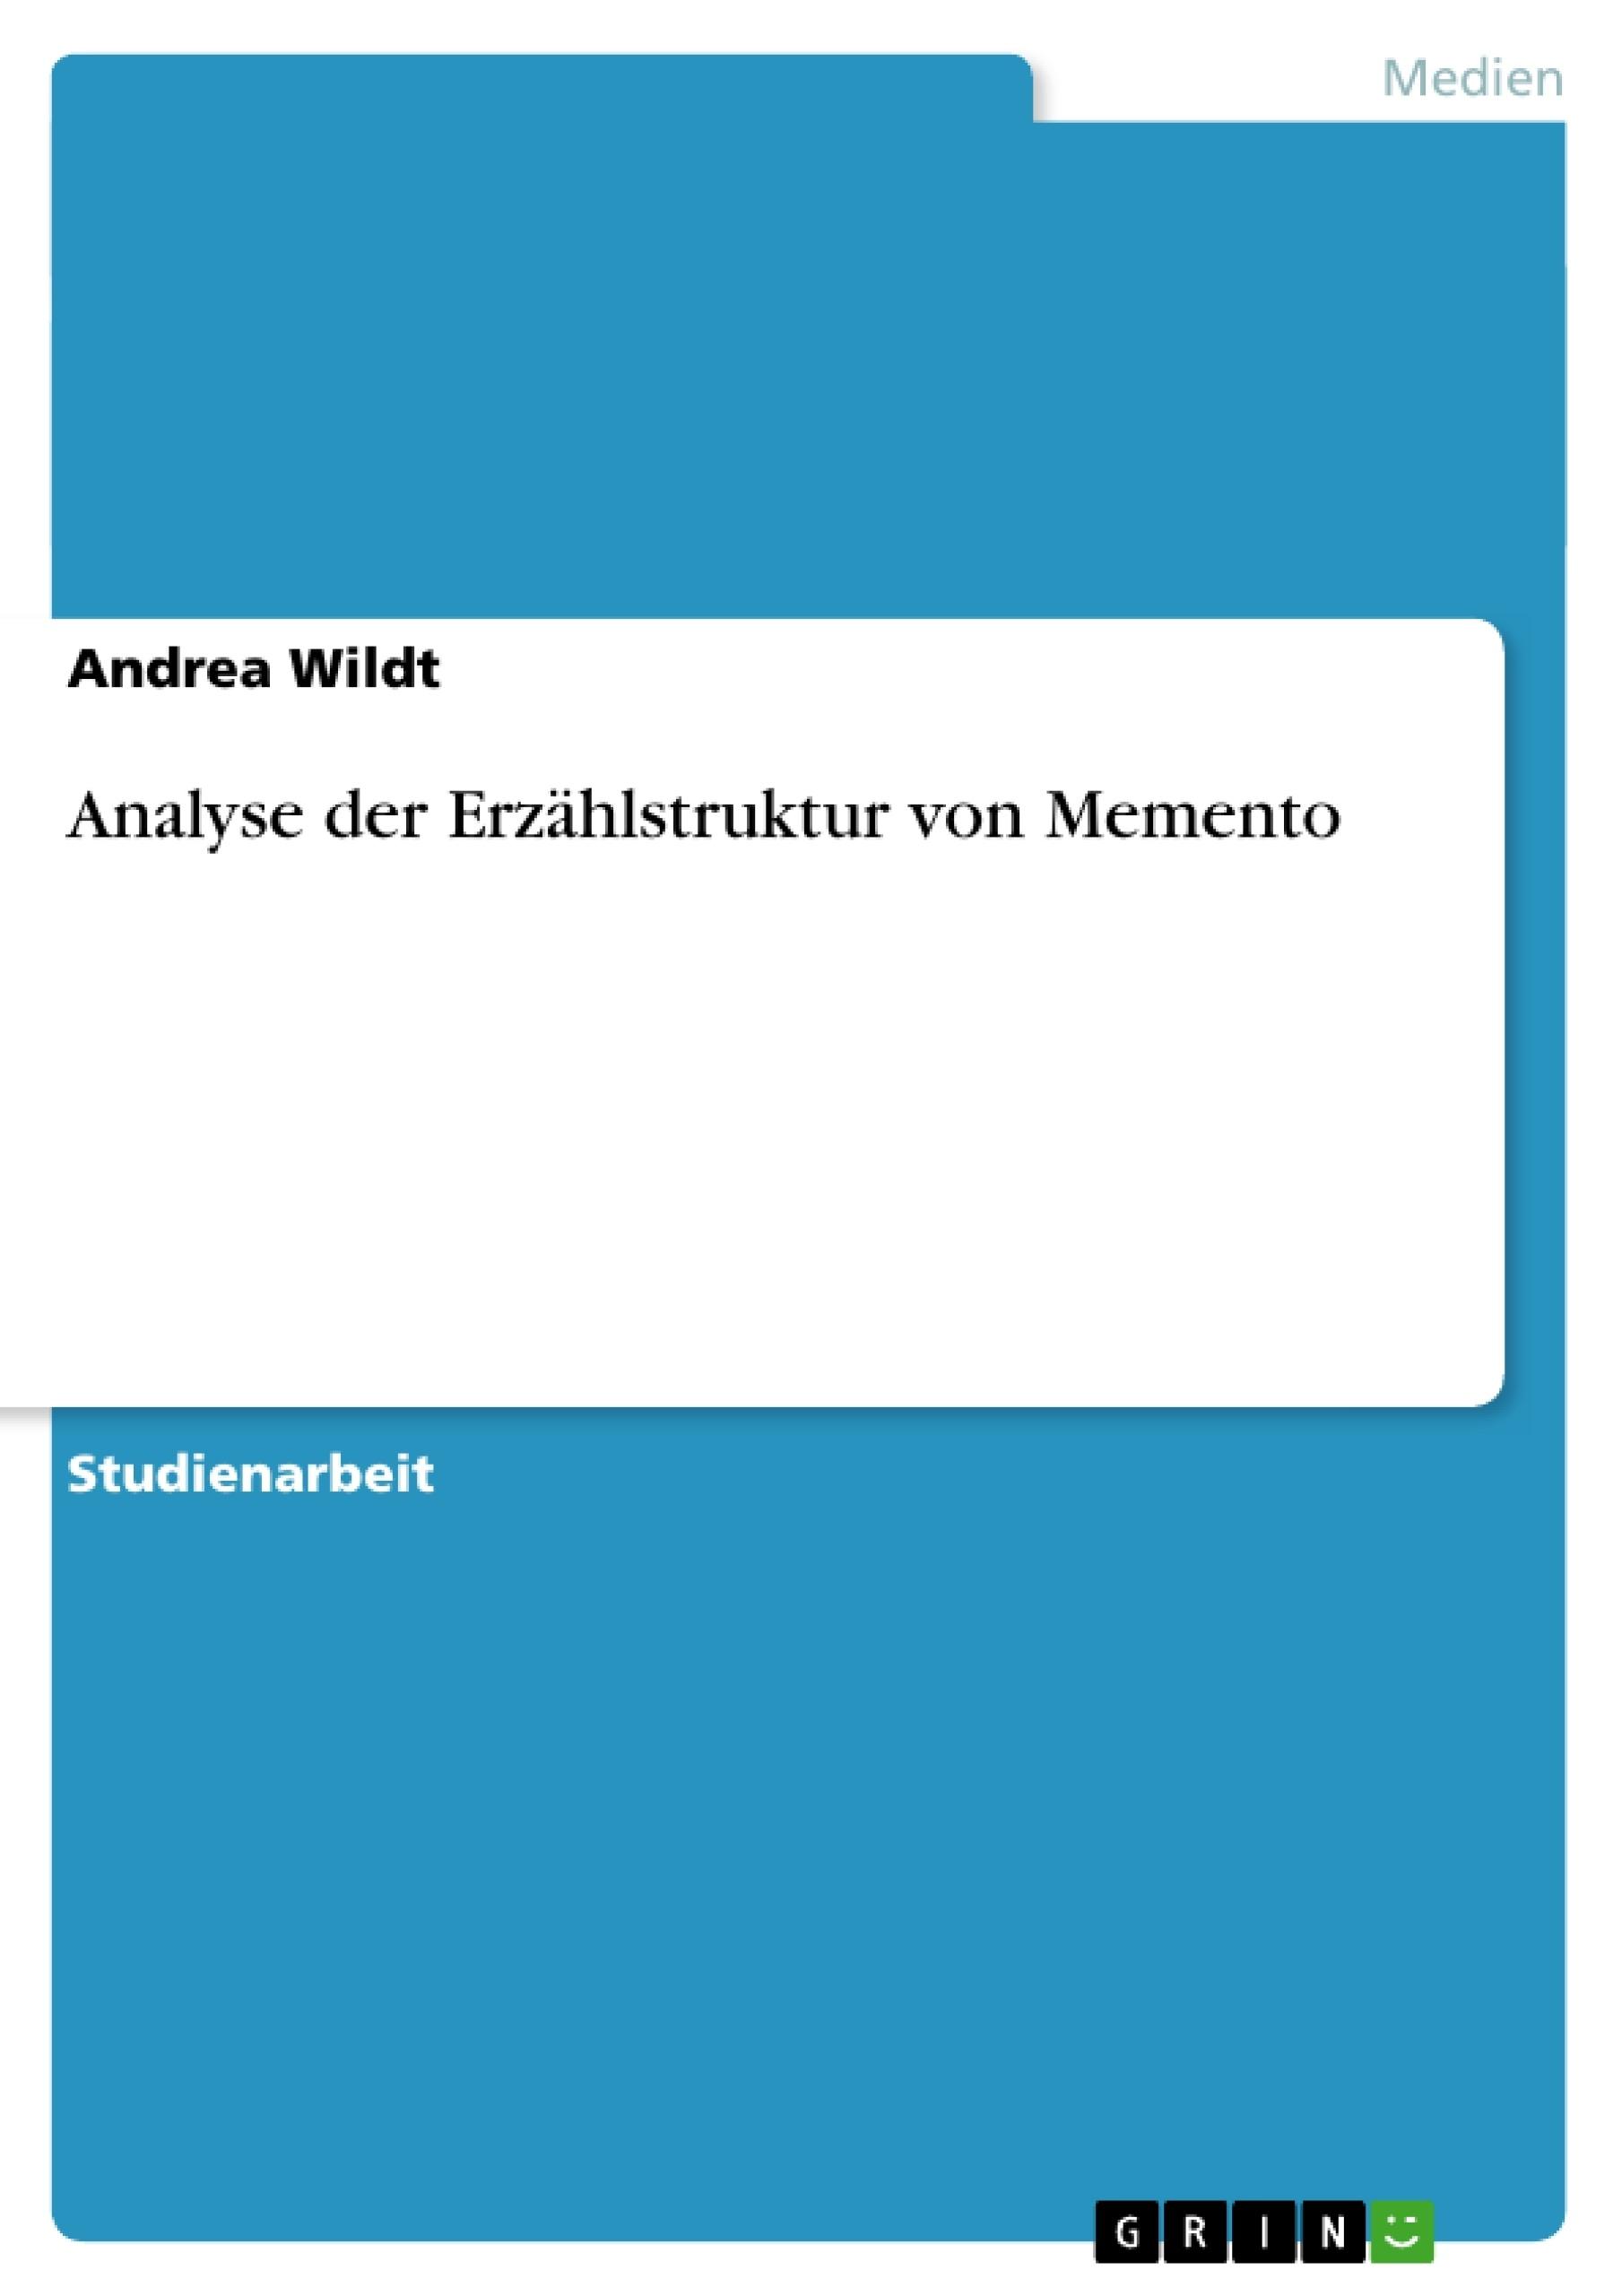 Titel: Analyse der Erzählstruktur von Memento